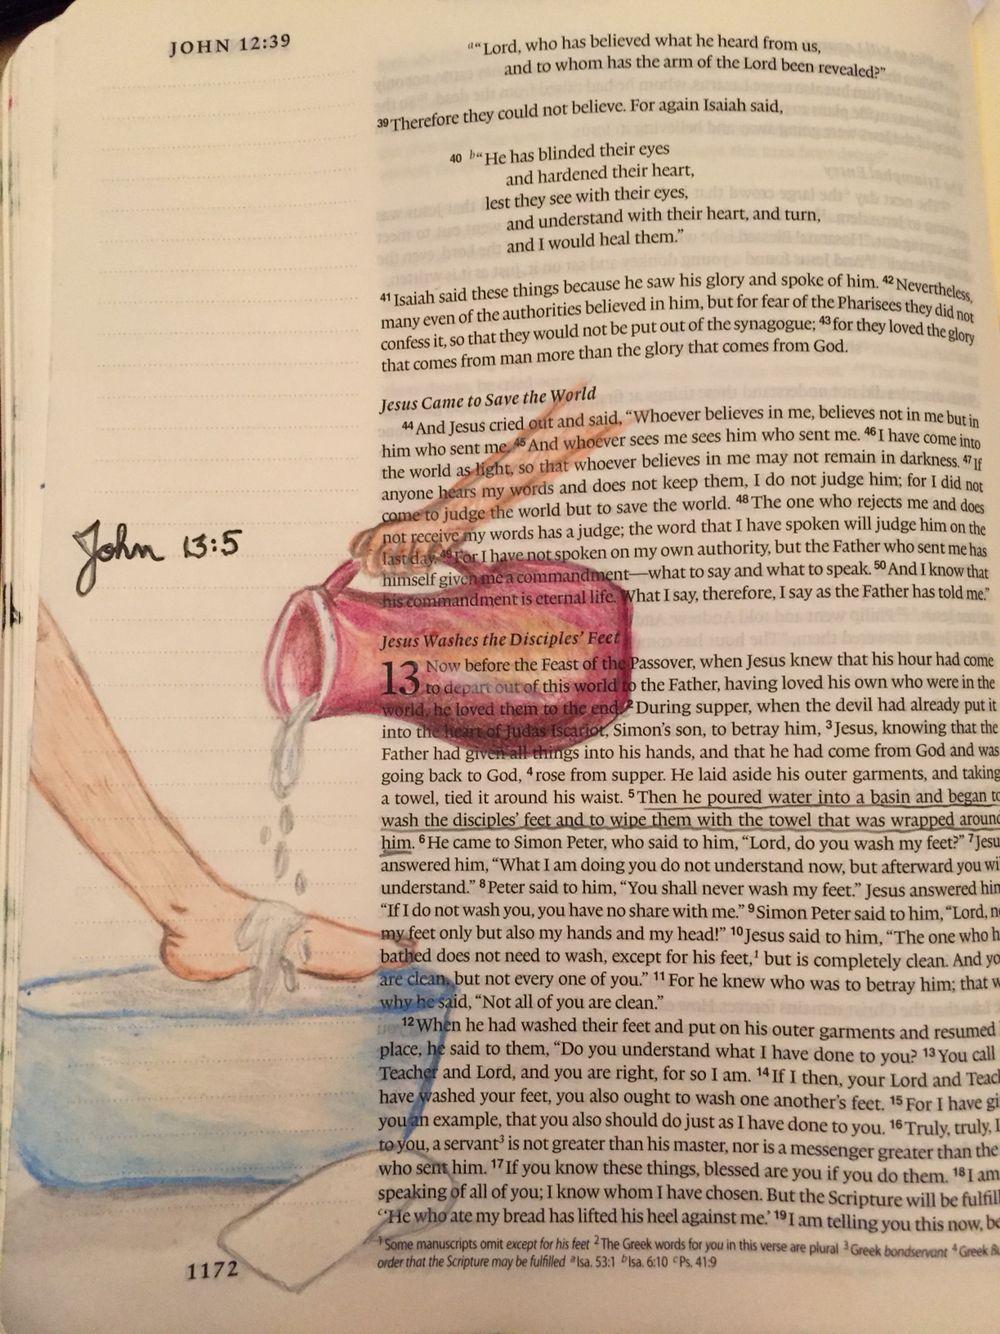 john 13:14-17